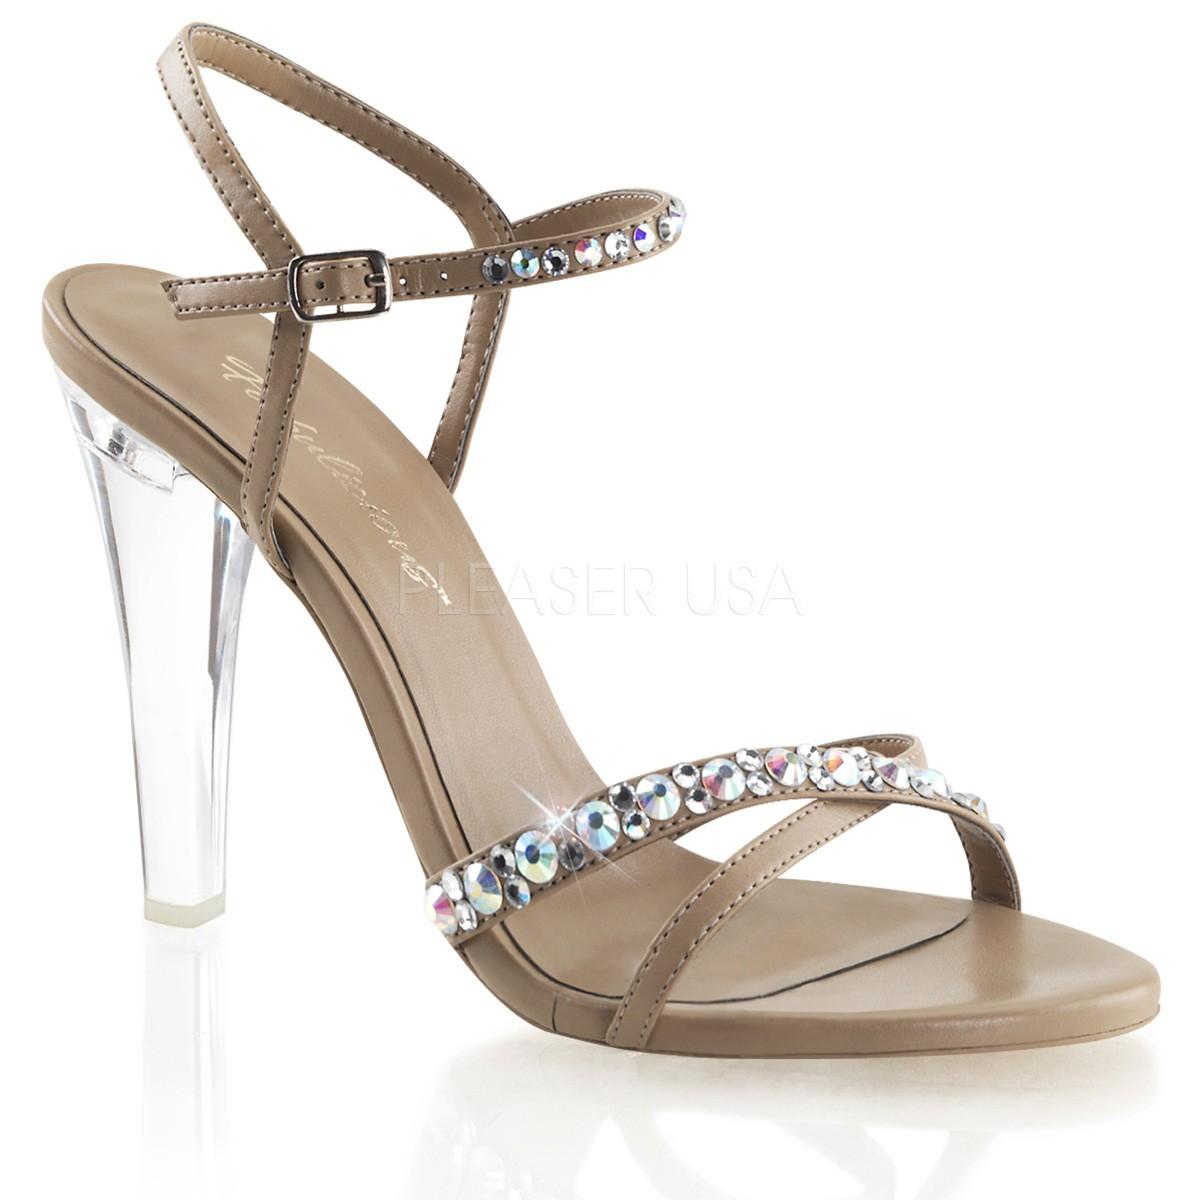 Chaussures habillées sandales coloris caramel talon haut clearly-15 - Pointure : 37